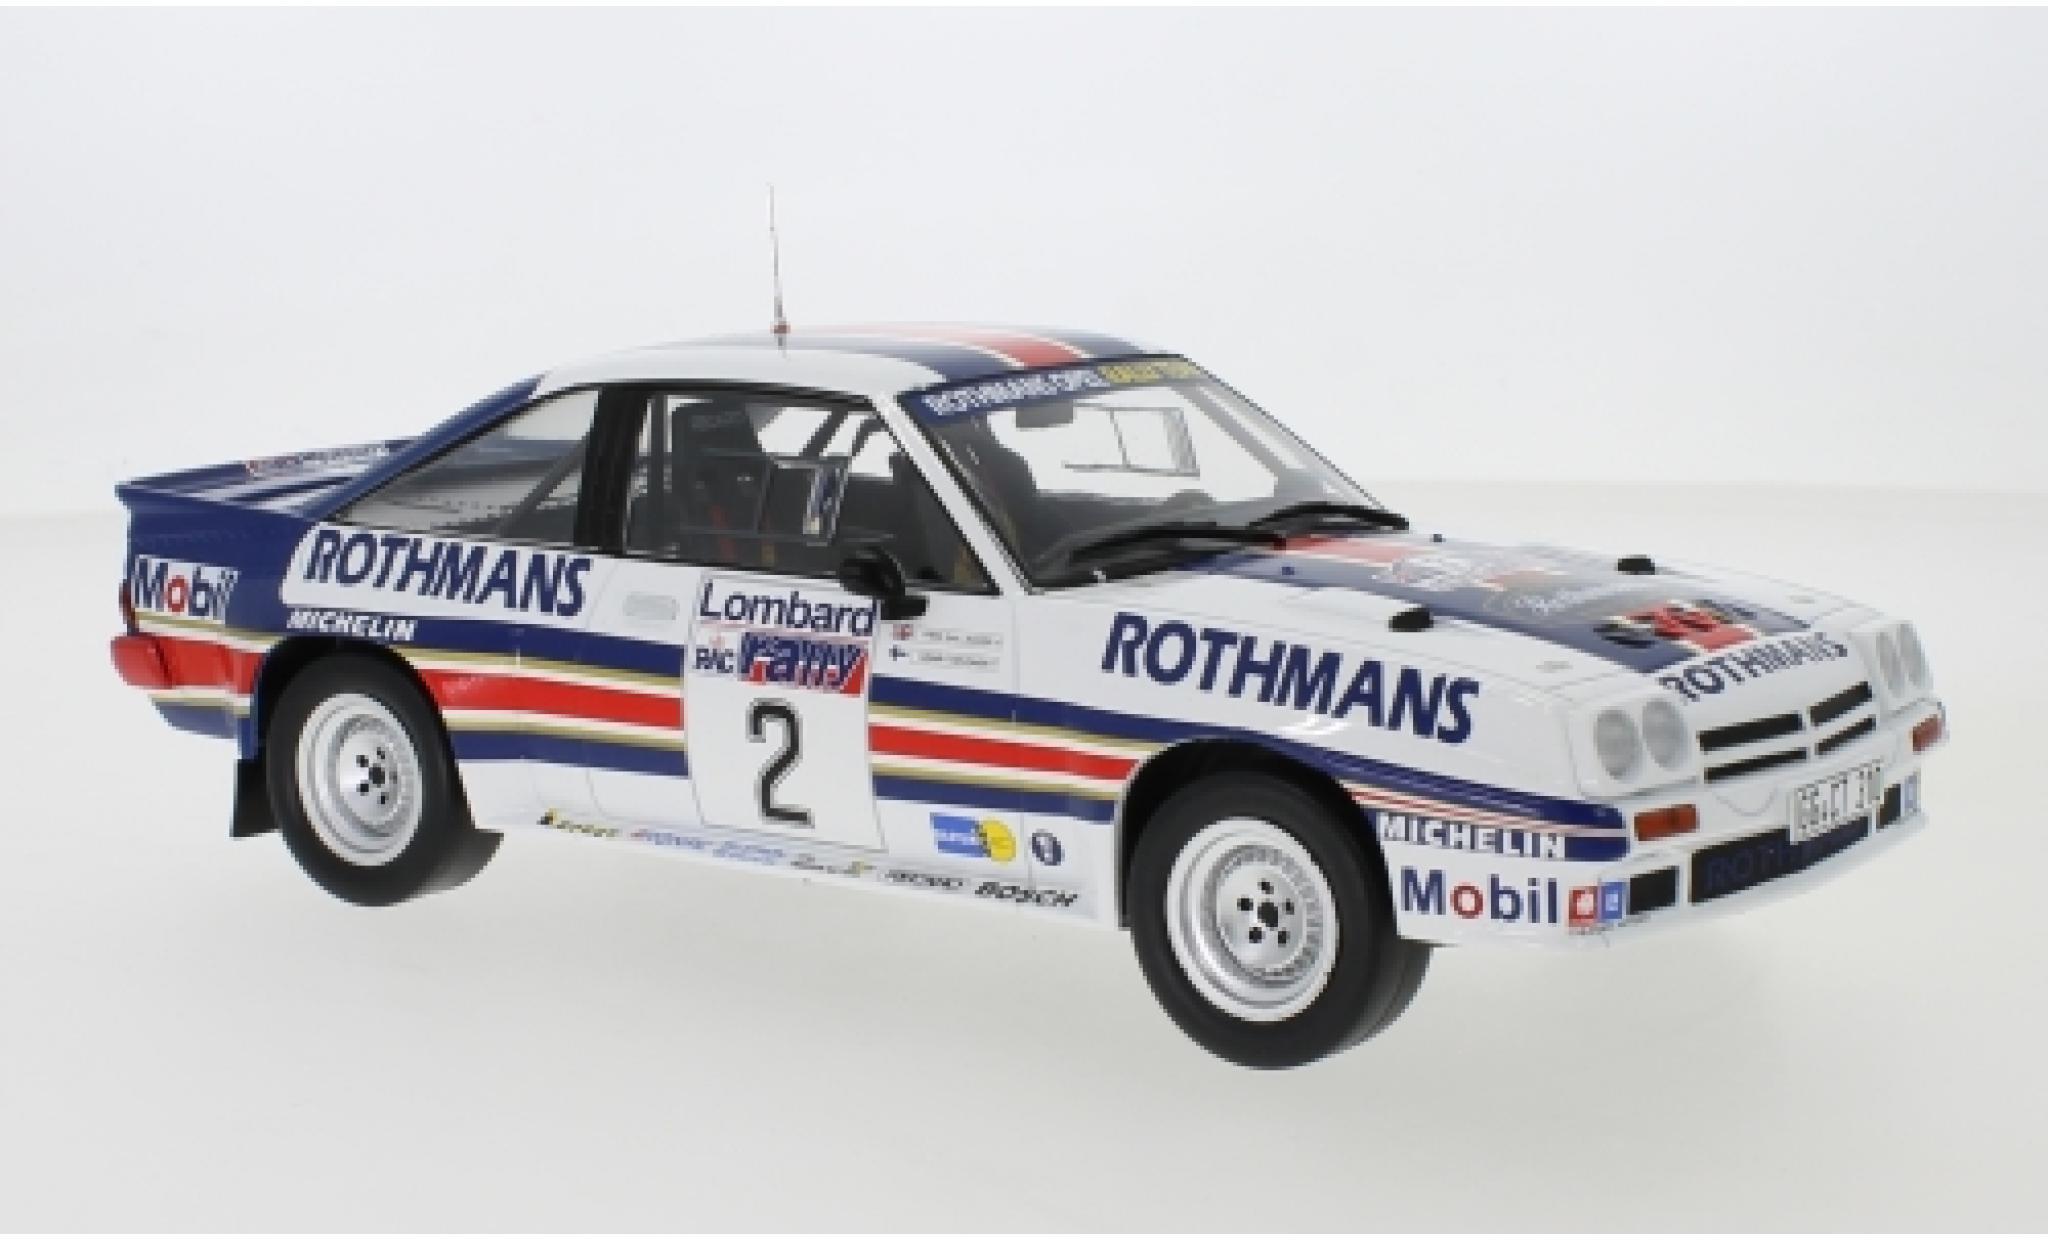 Opel Manta 1/18 IXO 400 No.2 Rothmans Rally Team Rothmans Rallye WM RAC Rallye 1983 H.Toivonen/F.Gallagher